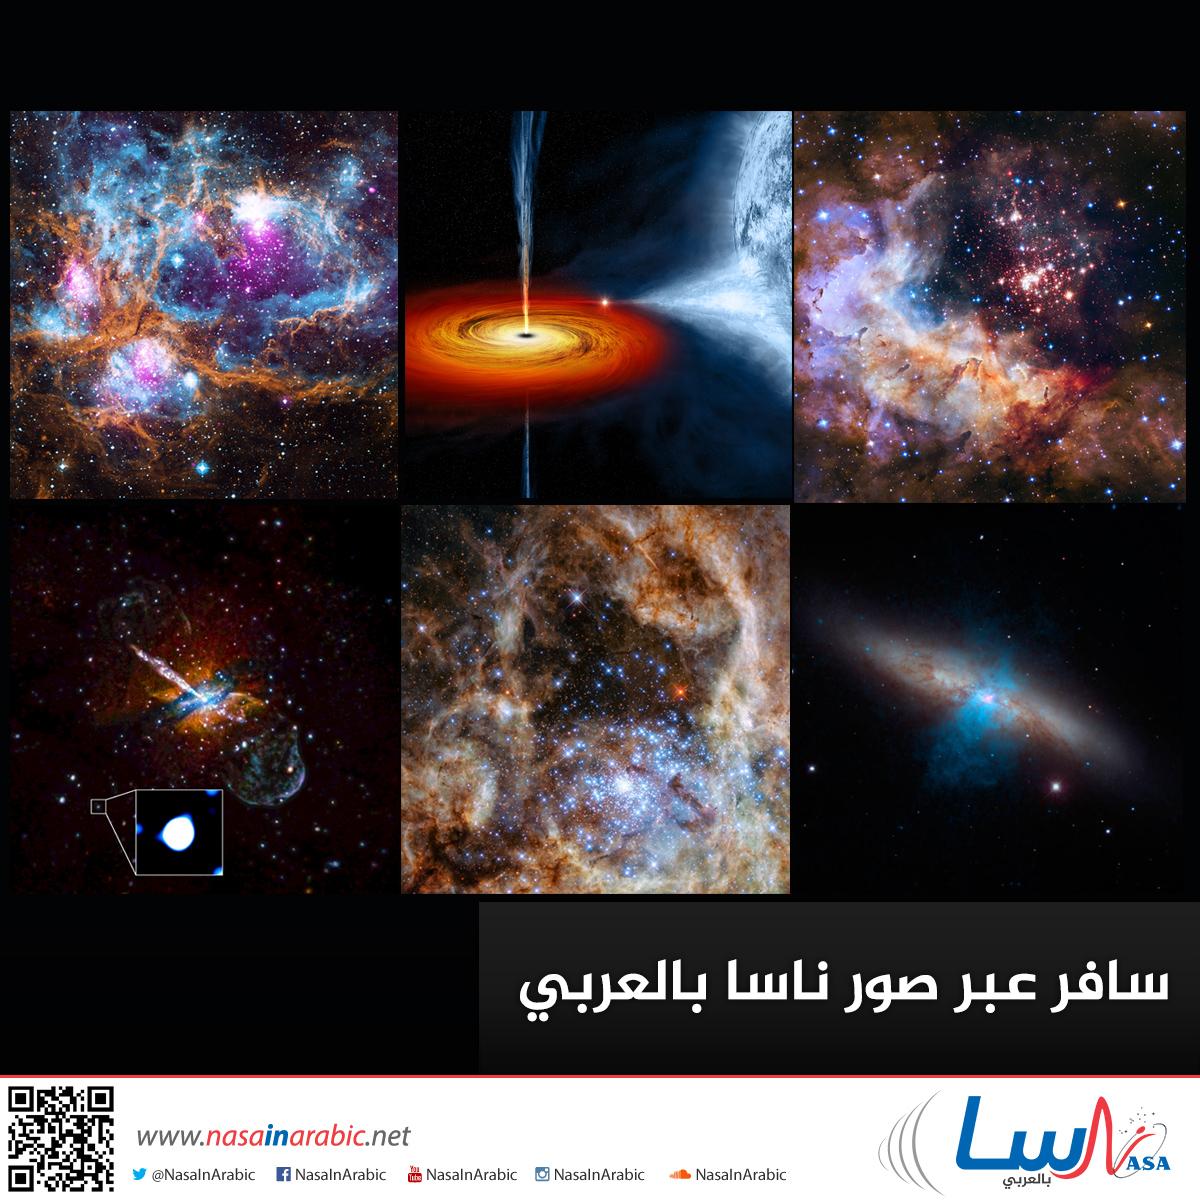 سافر عبر صور ناسا بالعربي